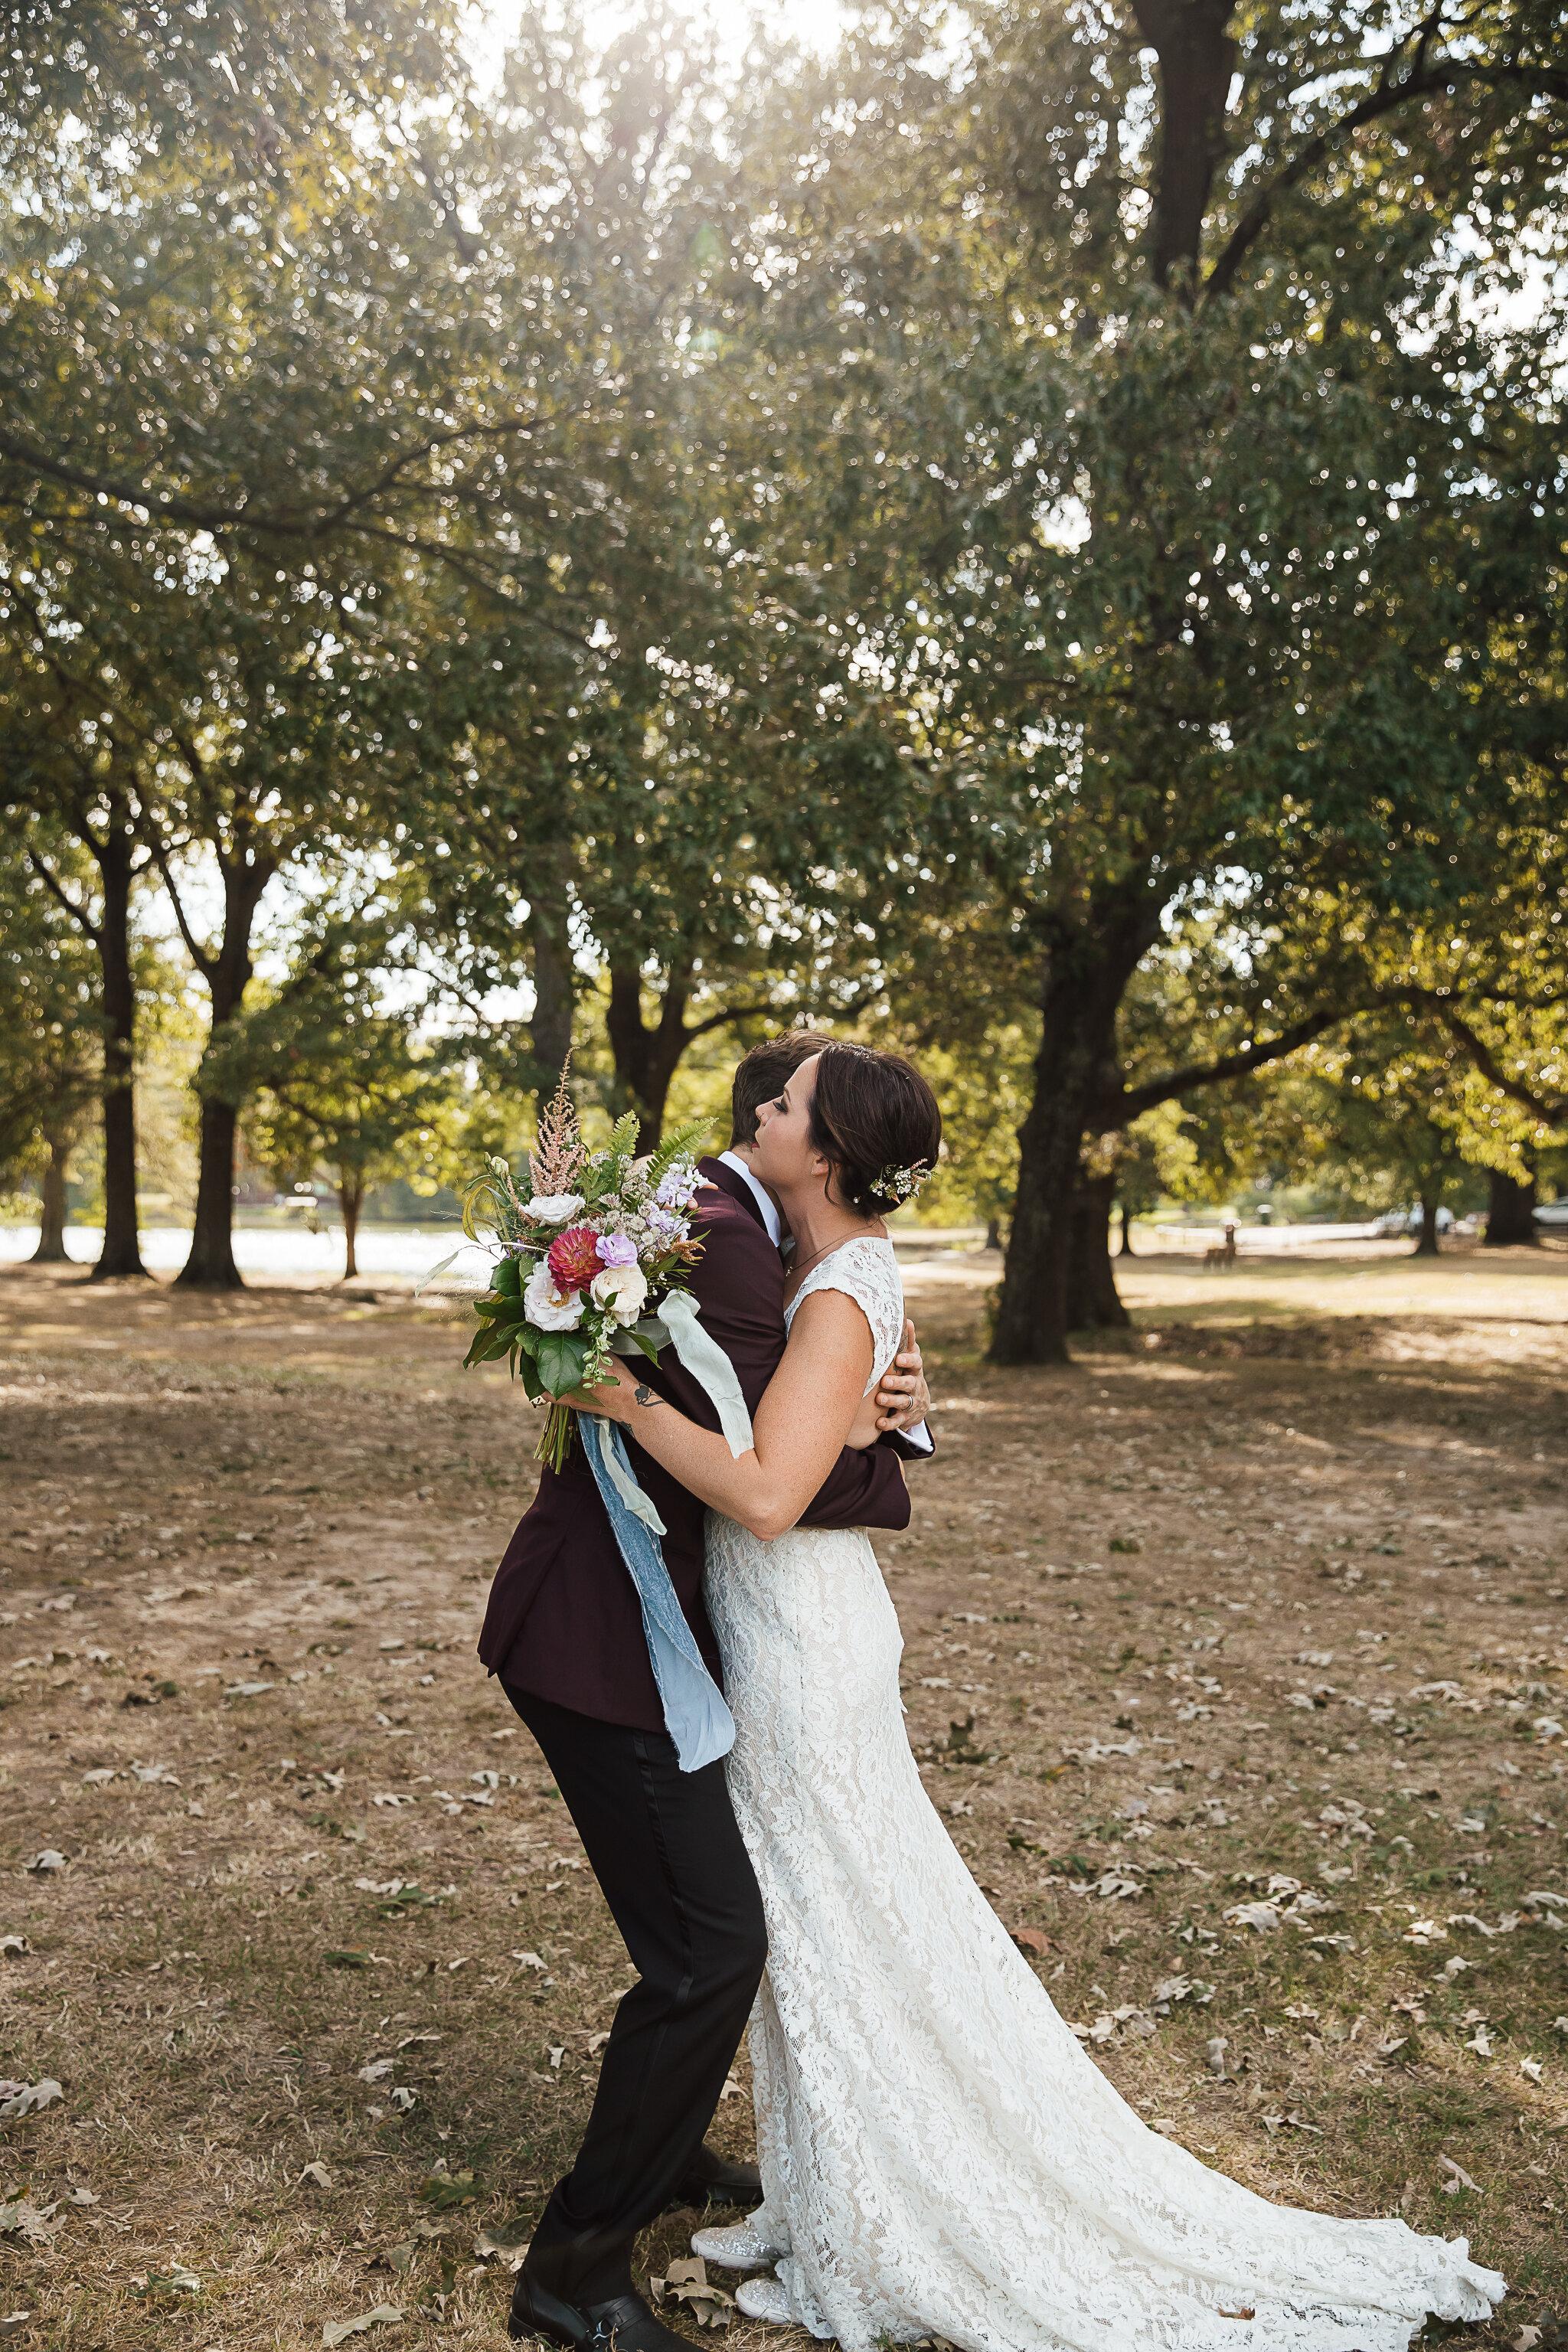 Allison-and-Wesley-Memphis-Backyard-Wedding-TheWarmthAroundYou-128.jpg